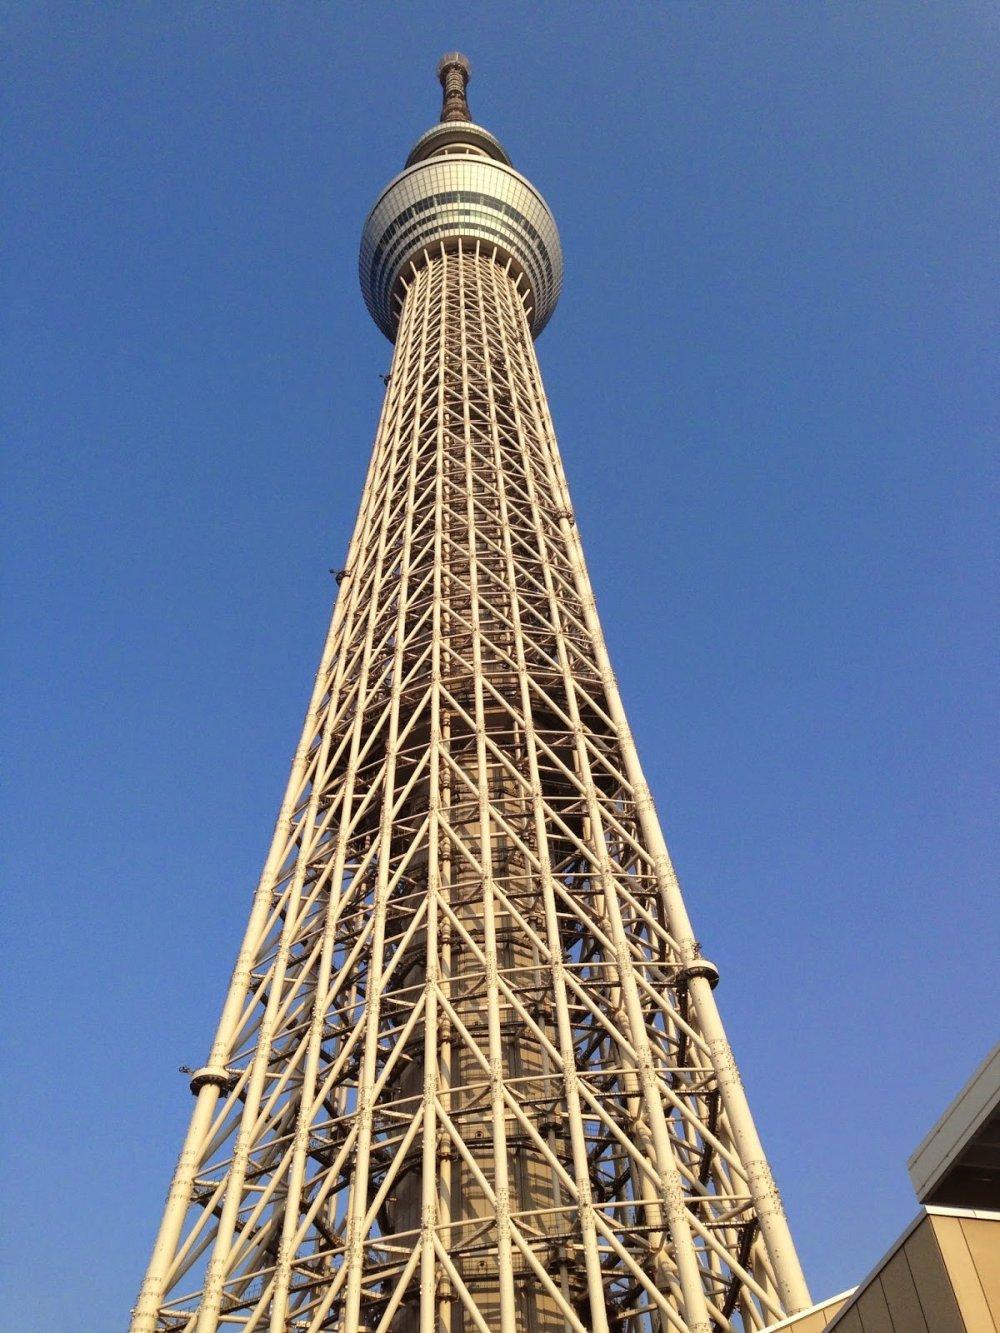 탑은 아래에서 볼 때 실제로 아름답다